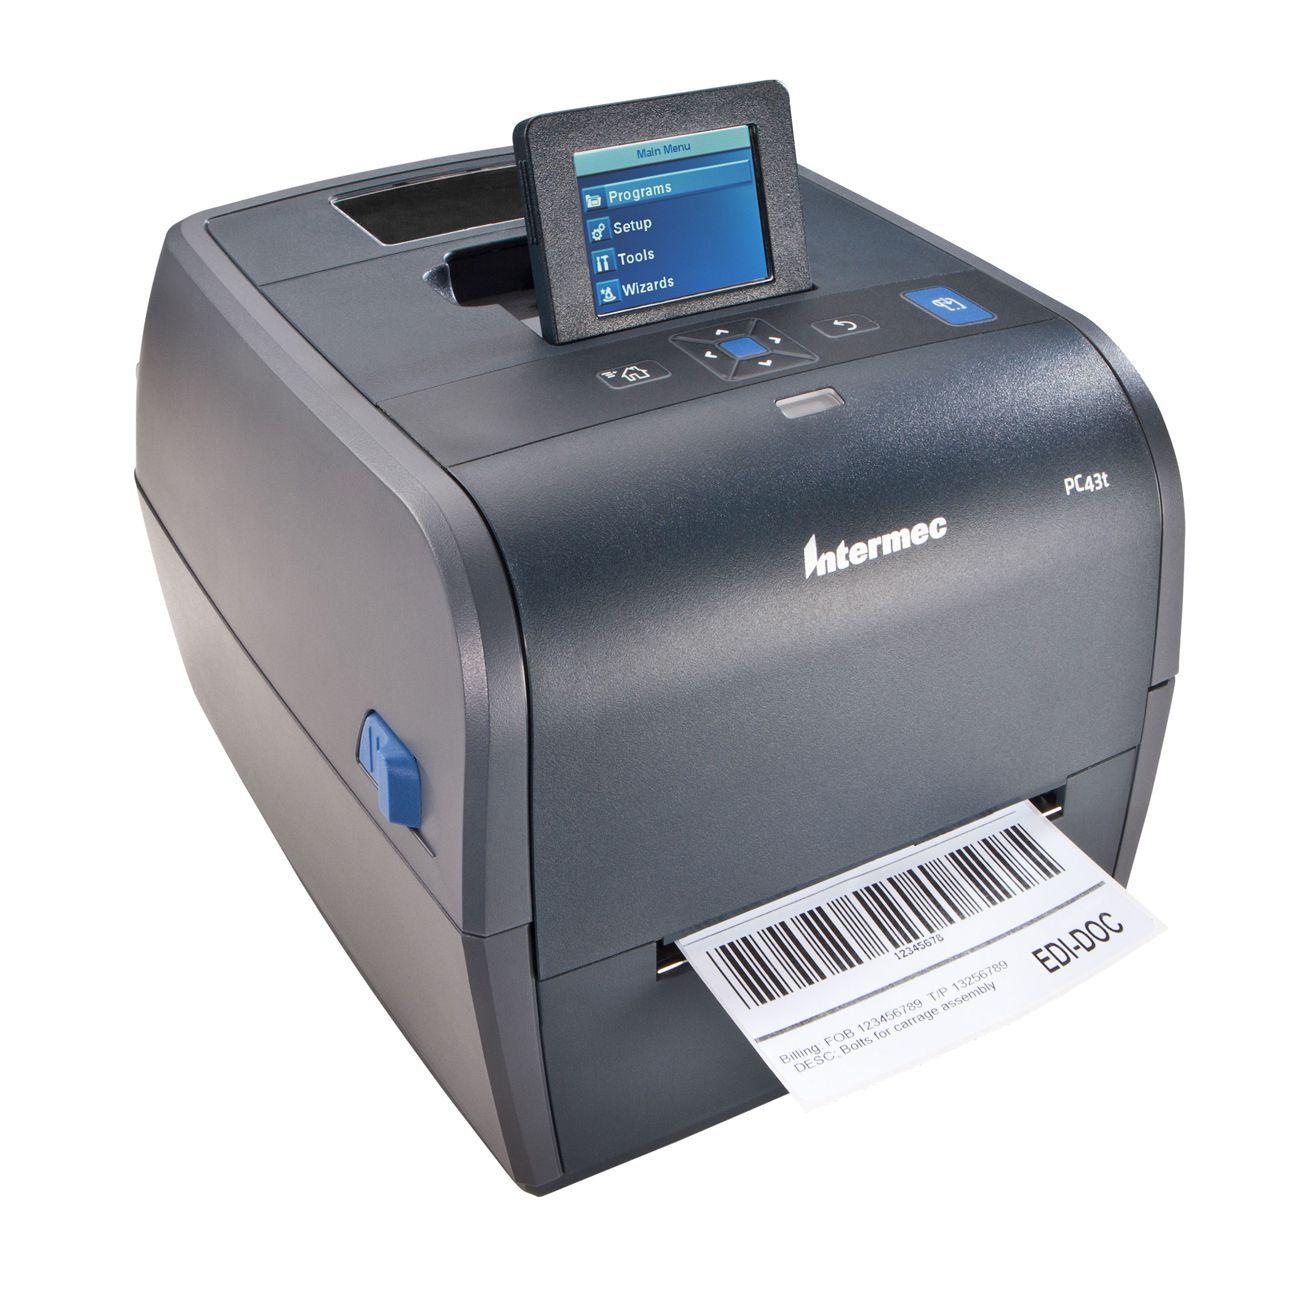 Imprimante intermec pc43t